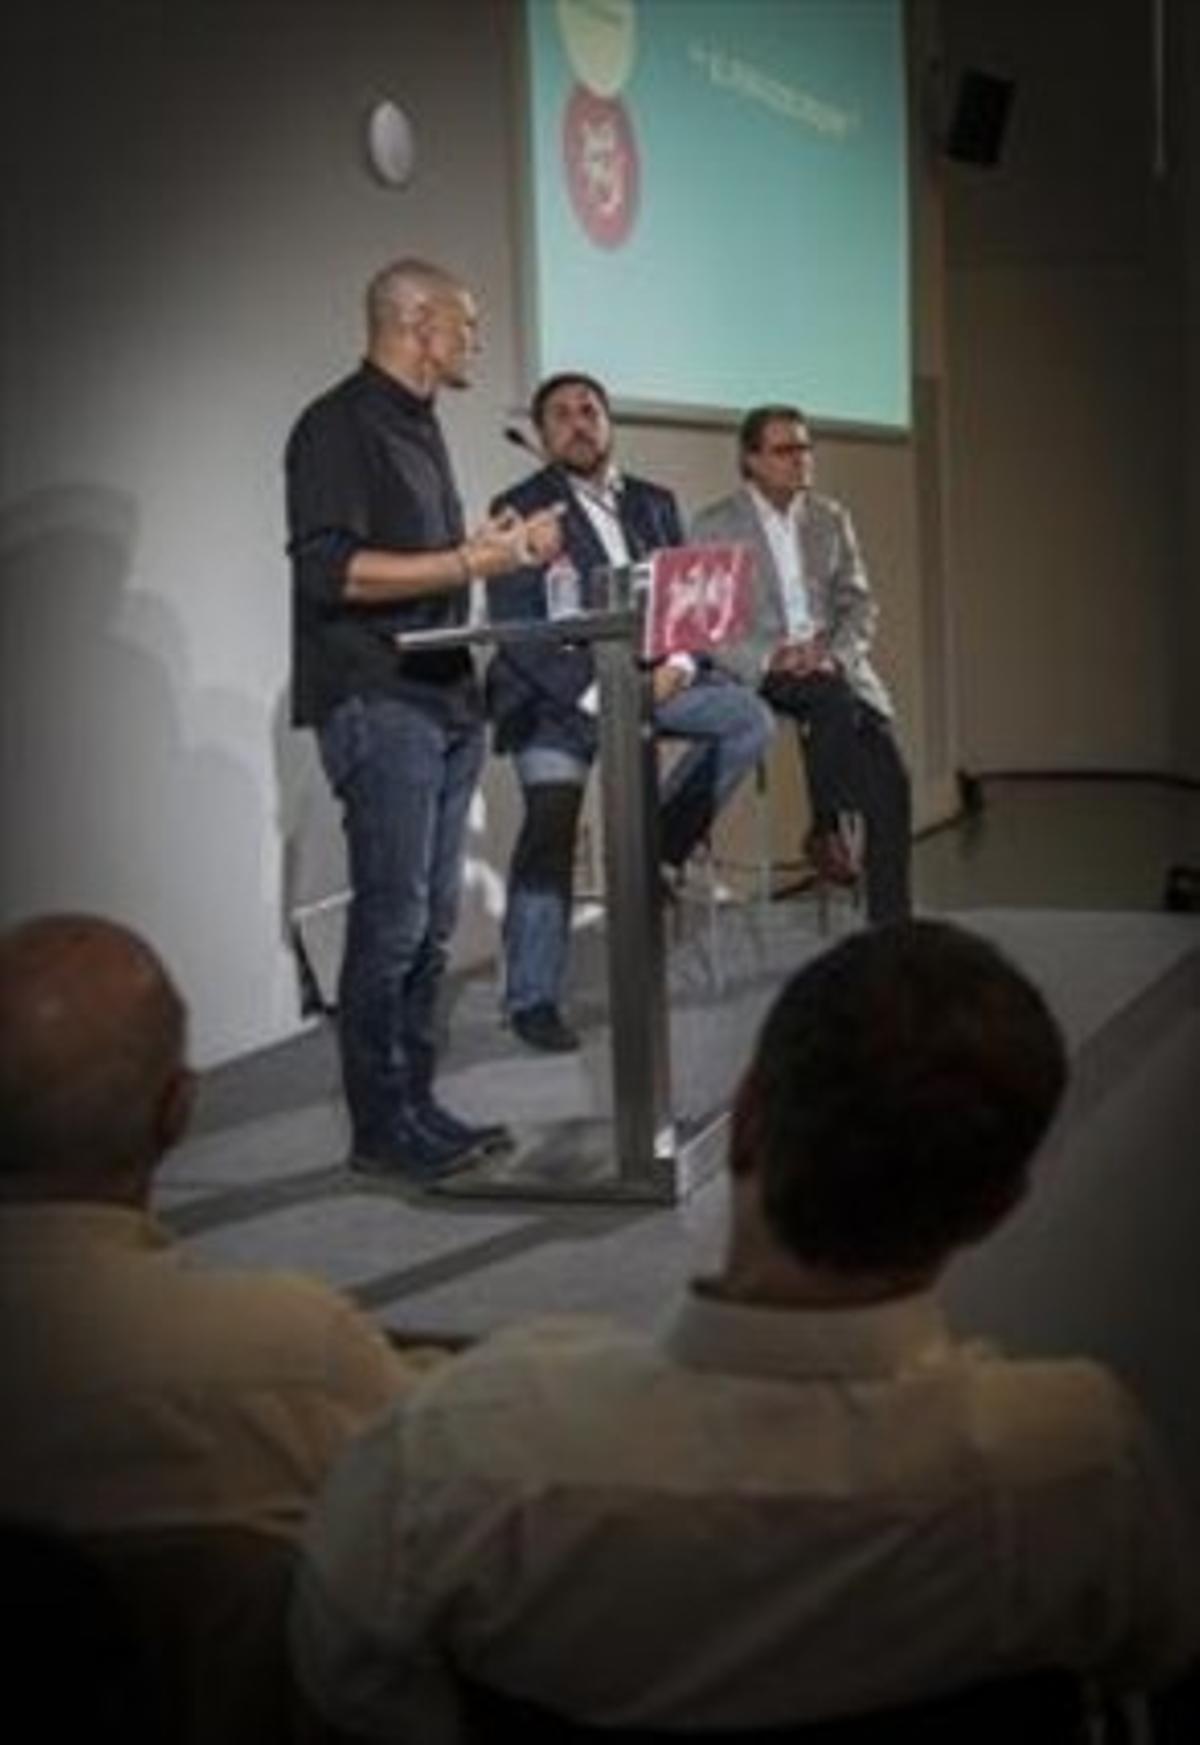 Romeva, junto a Junqueras y Mas, durante el acto de ayer en el CCCB.